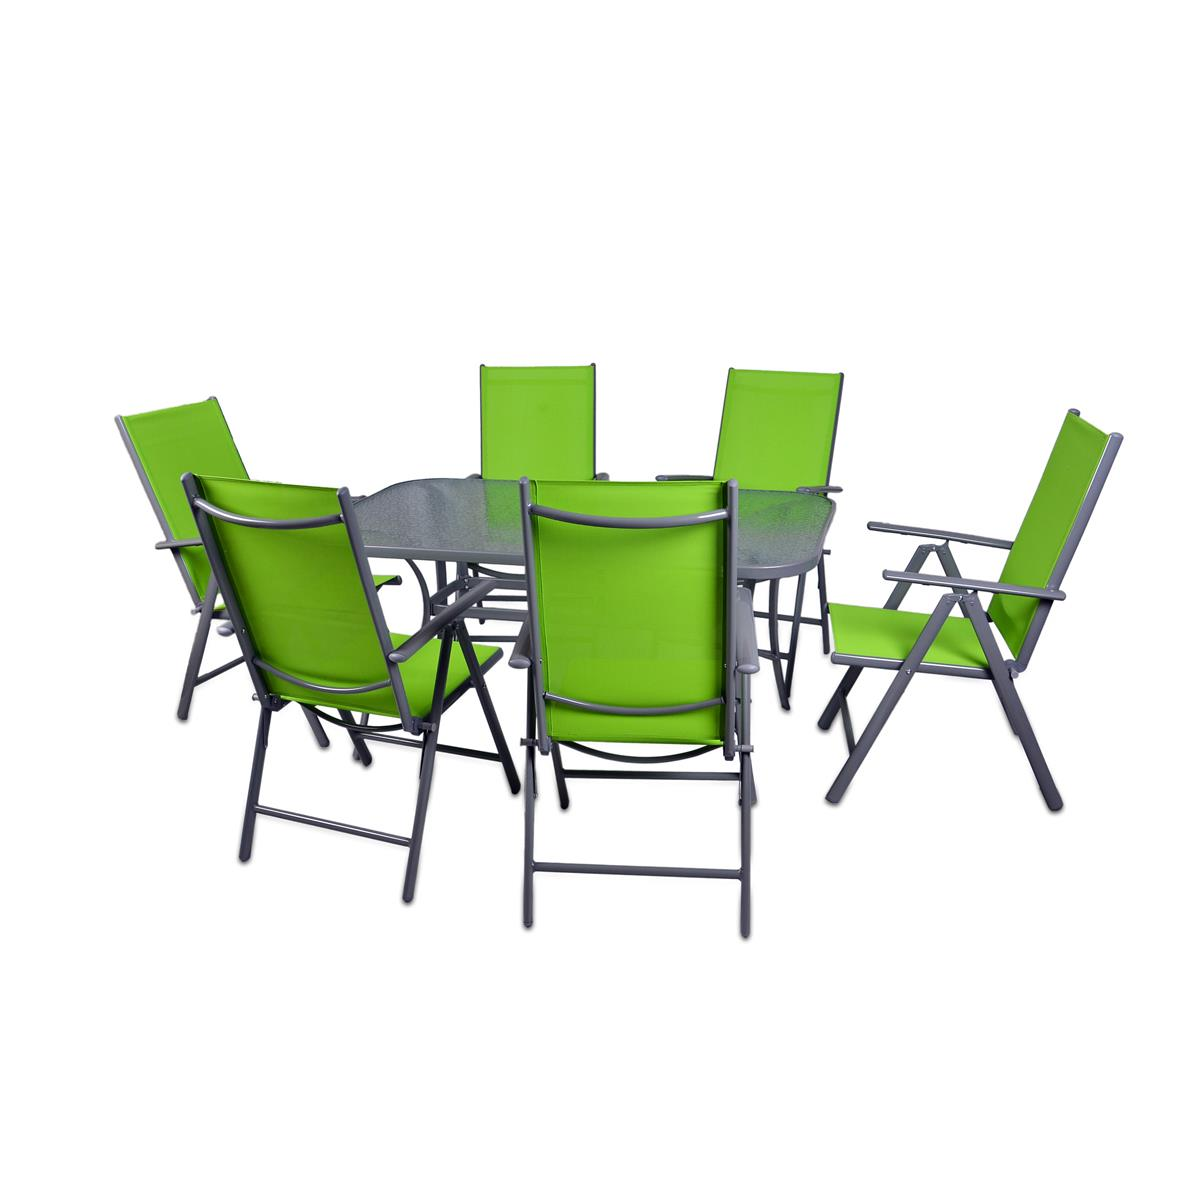 7-teiliges Gartenmöbel-Set grün Alu Gartengarnitur aus Gartenstühlen + Esstisch